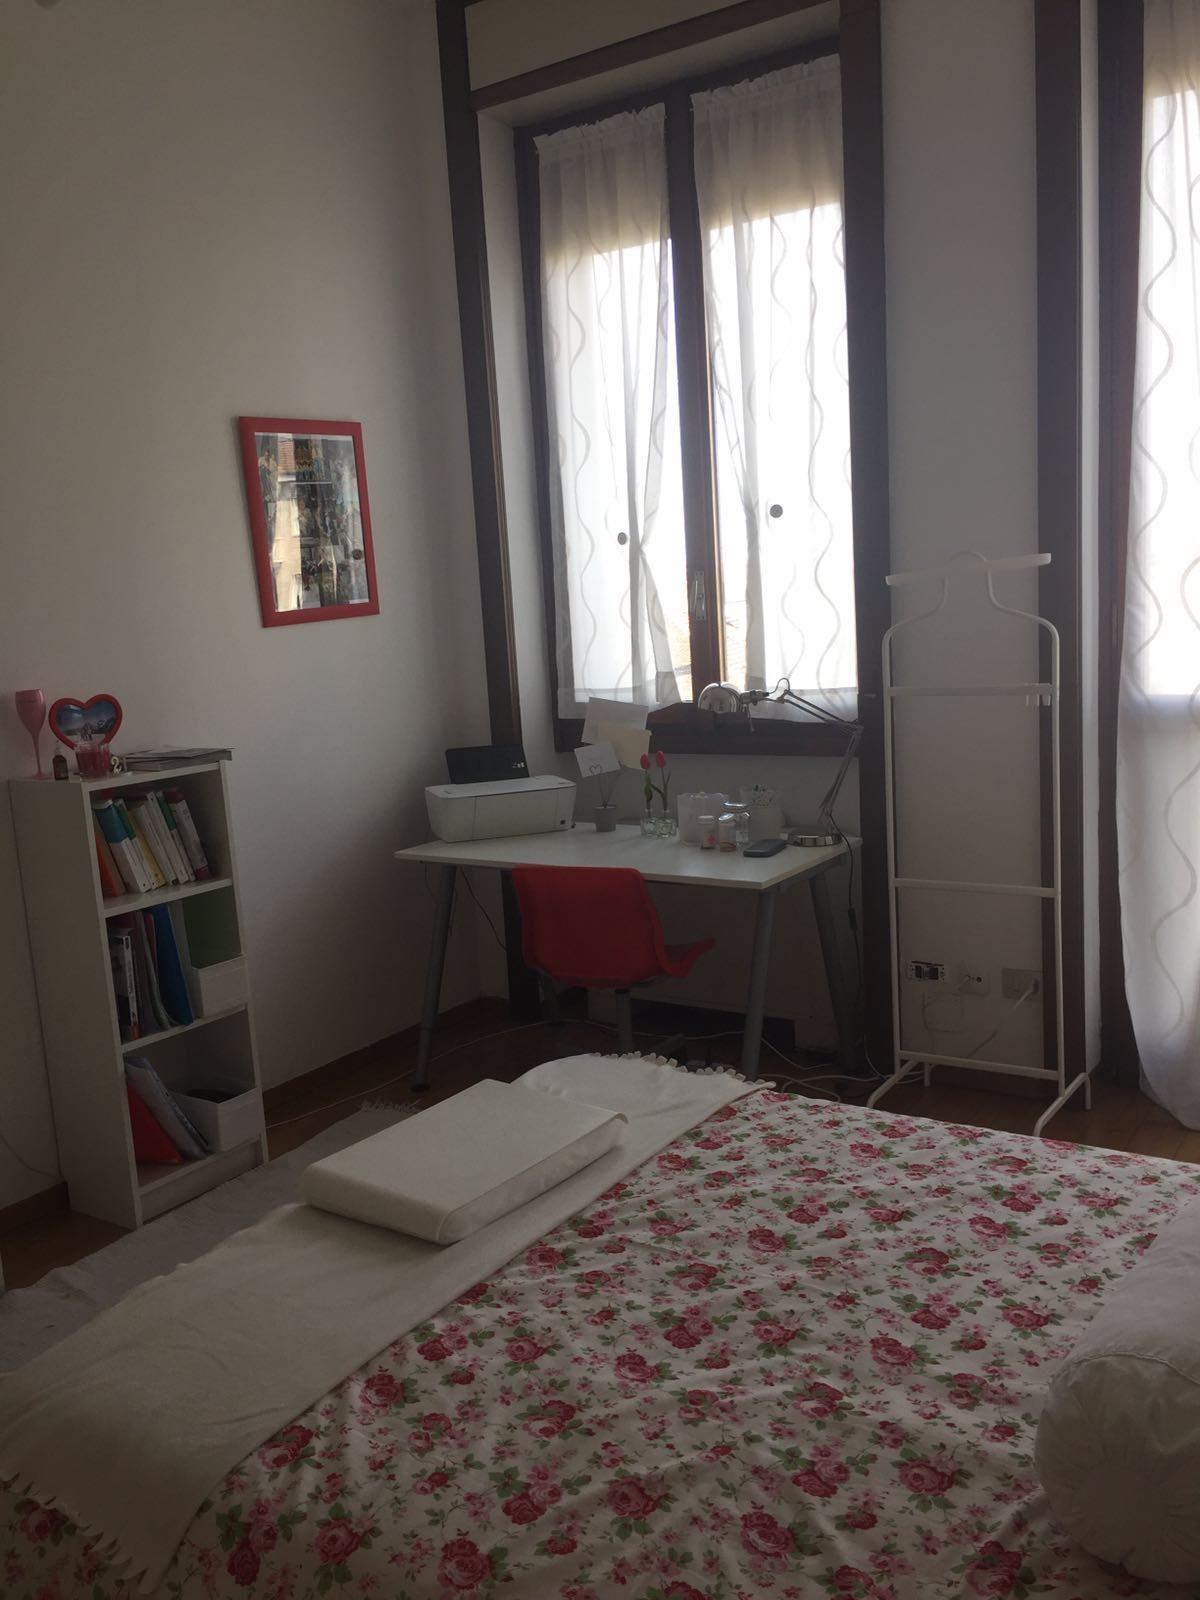 Posto letto in camera doppia zona bocconi stanze in affitto milano - Affittasi posto letto milano ...